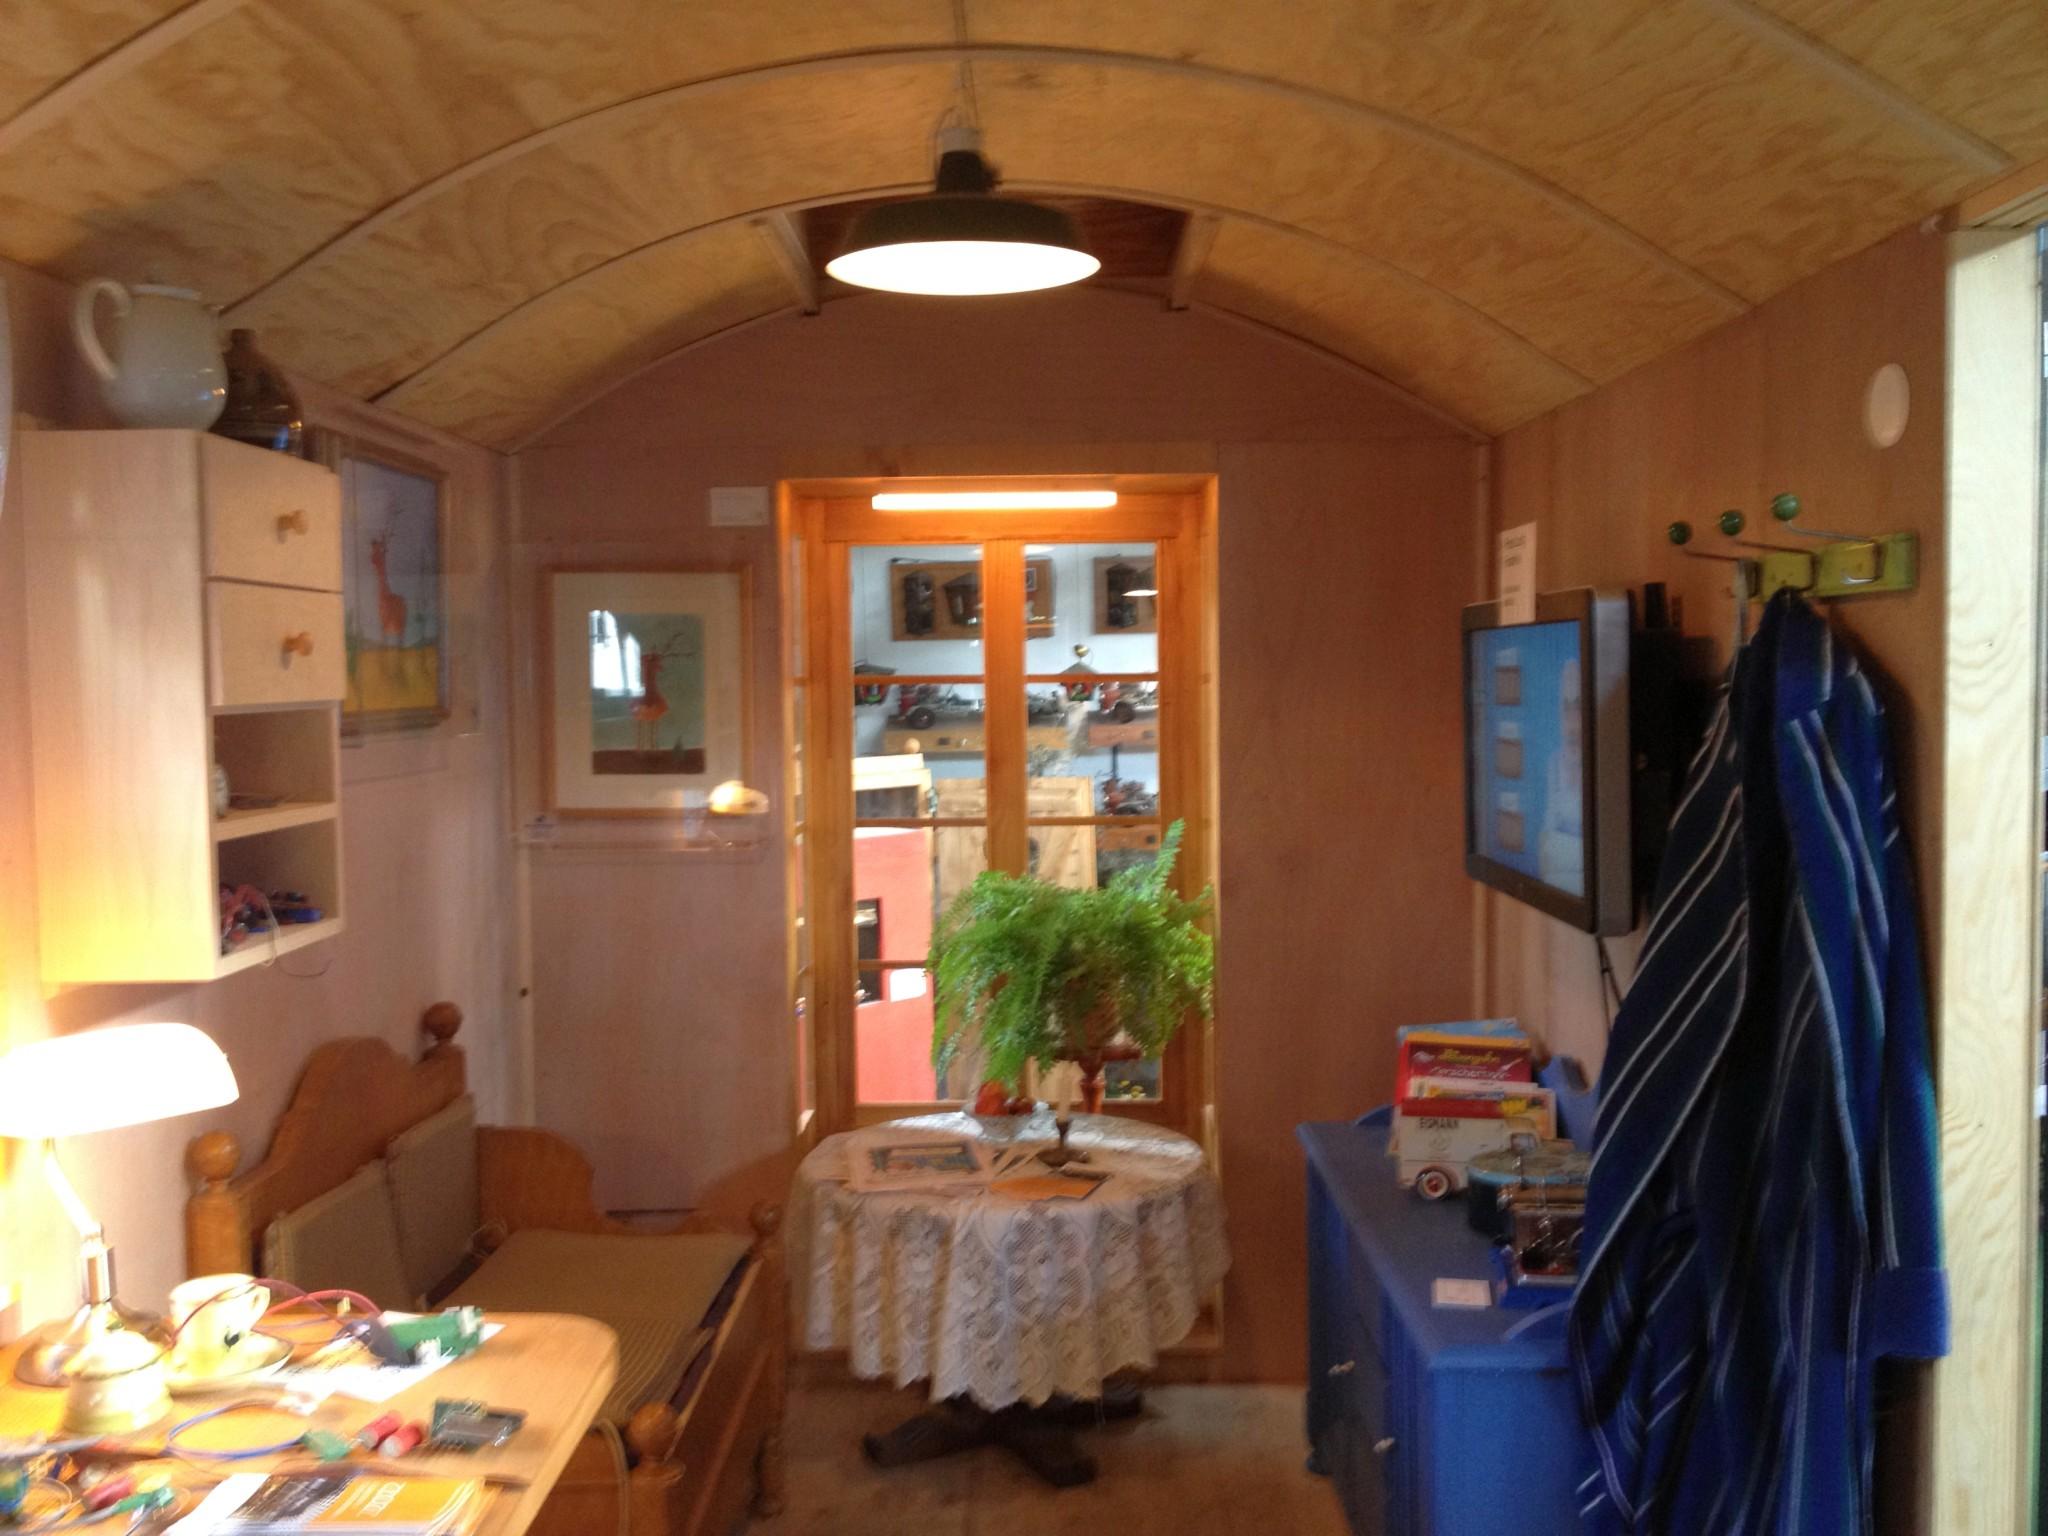 toaz technikmuseum freudenberg peter lustigs bauwagen. Black Bedroom Furniture Sets. Home Design Ideas